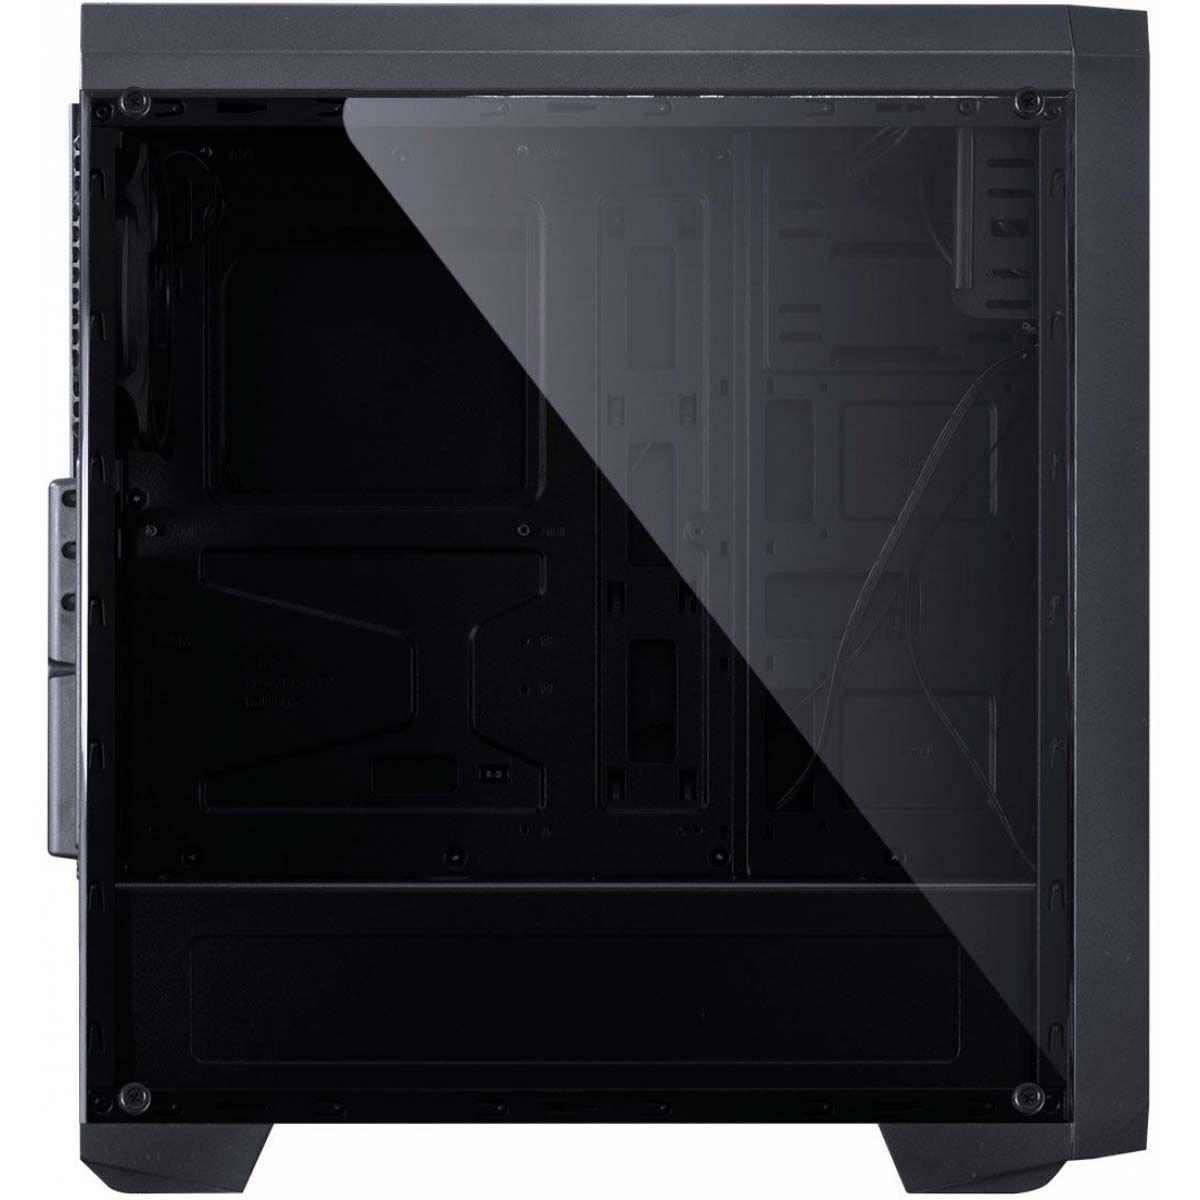 PC Gamer Intel Core i5 9400F - GTX 1660 Super 6GB - 16GB DDR4 - HD 1TB